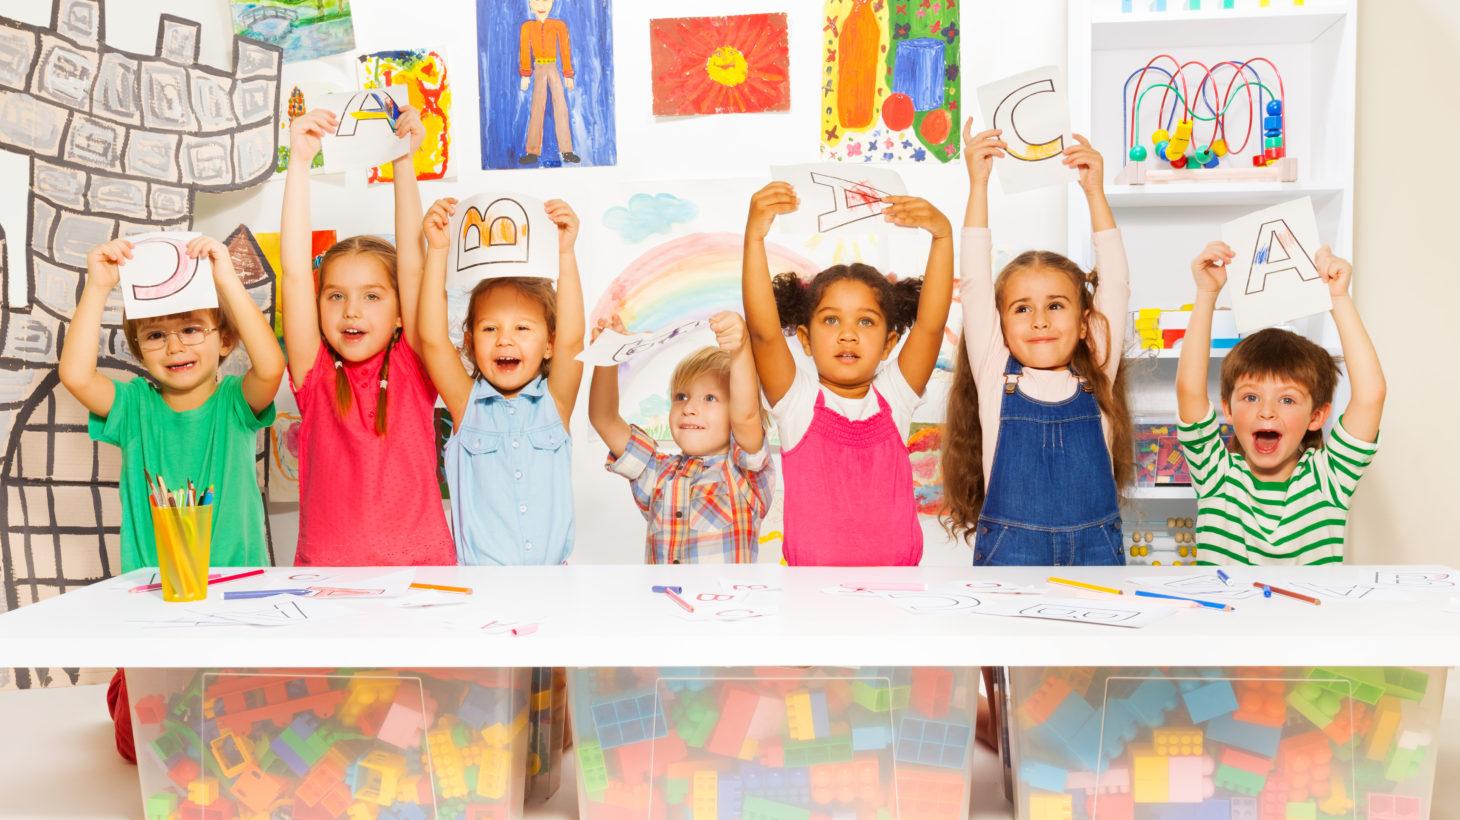 Barn i ett klassrum håller upp papper med bokstäver de ritat